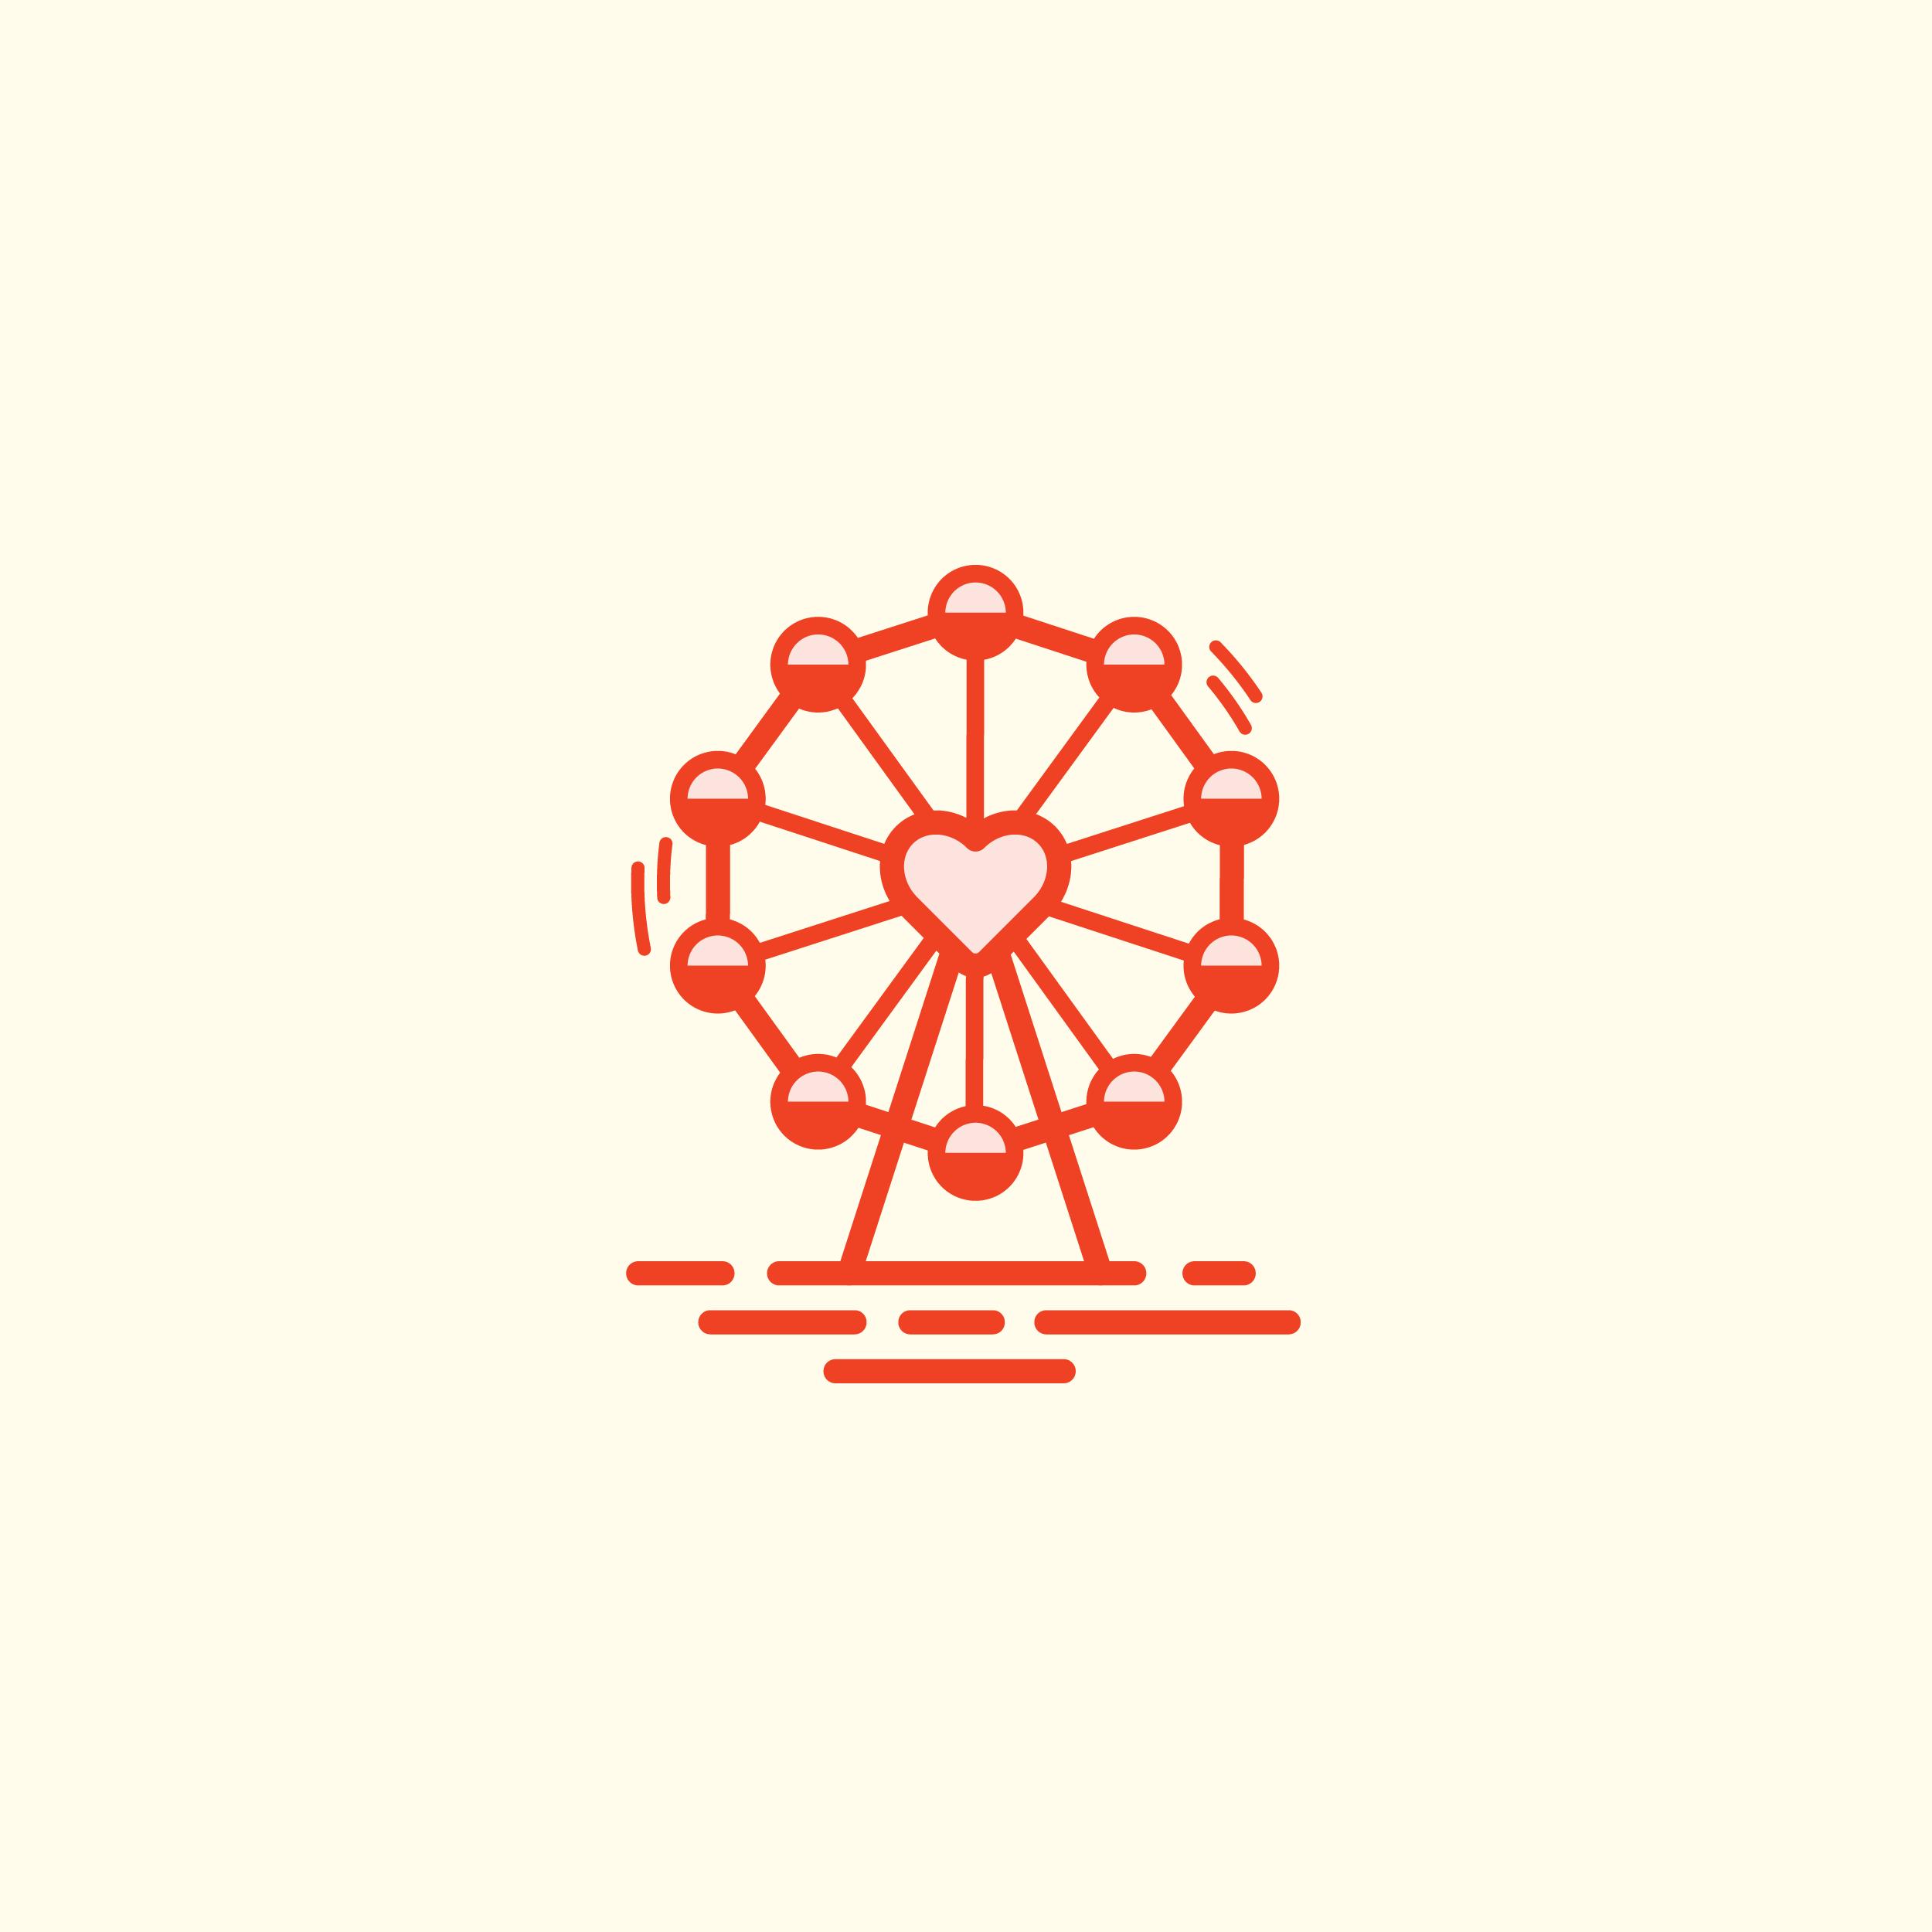 039-ferrisWheel-39